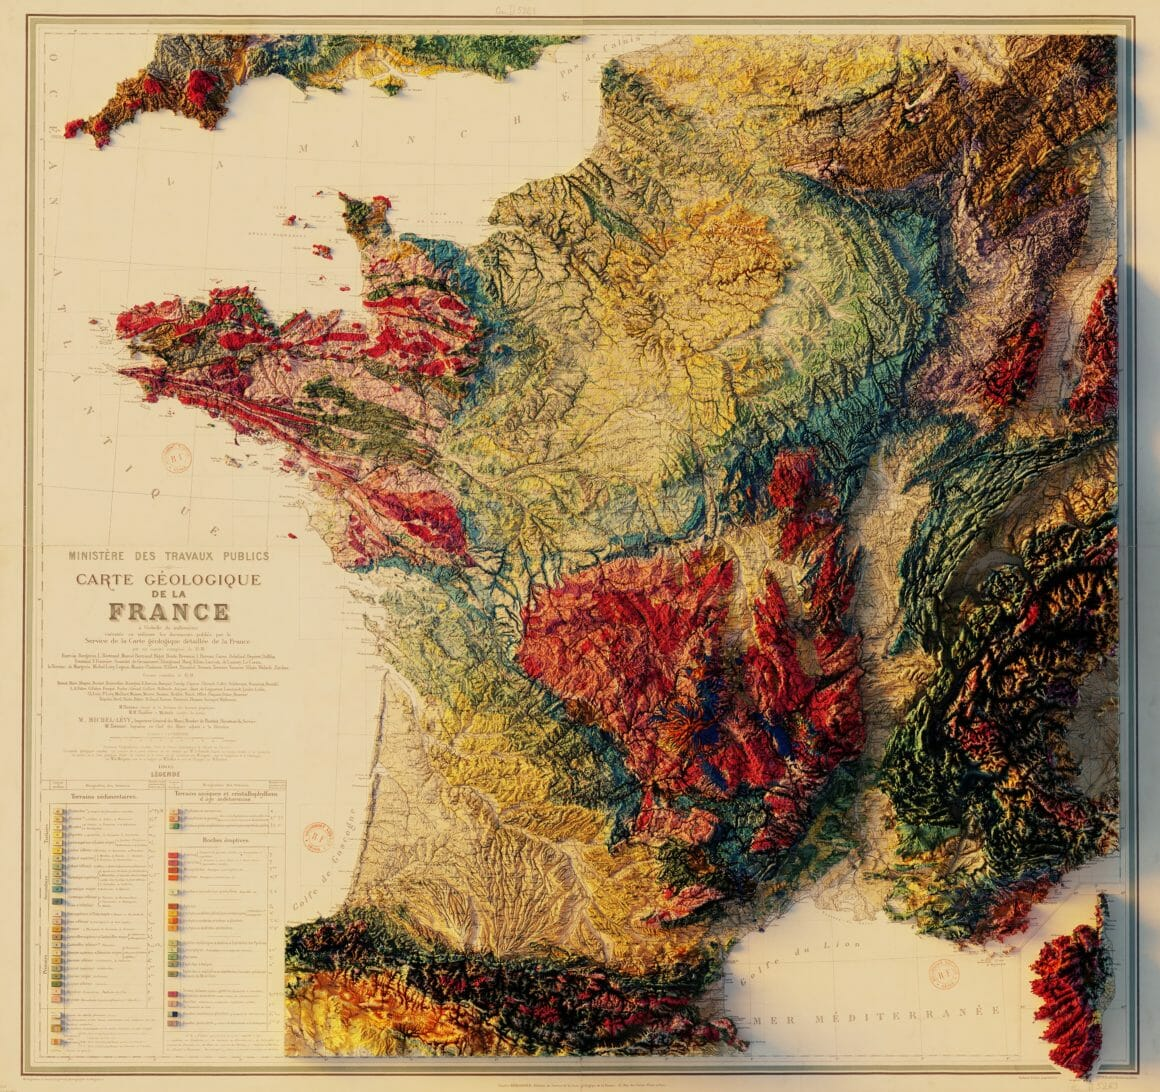 carte geologique de la france en 3d Orthophotographie